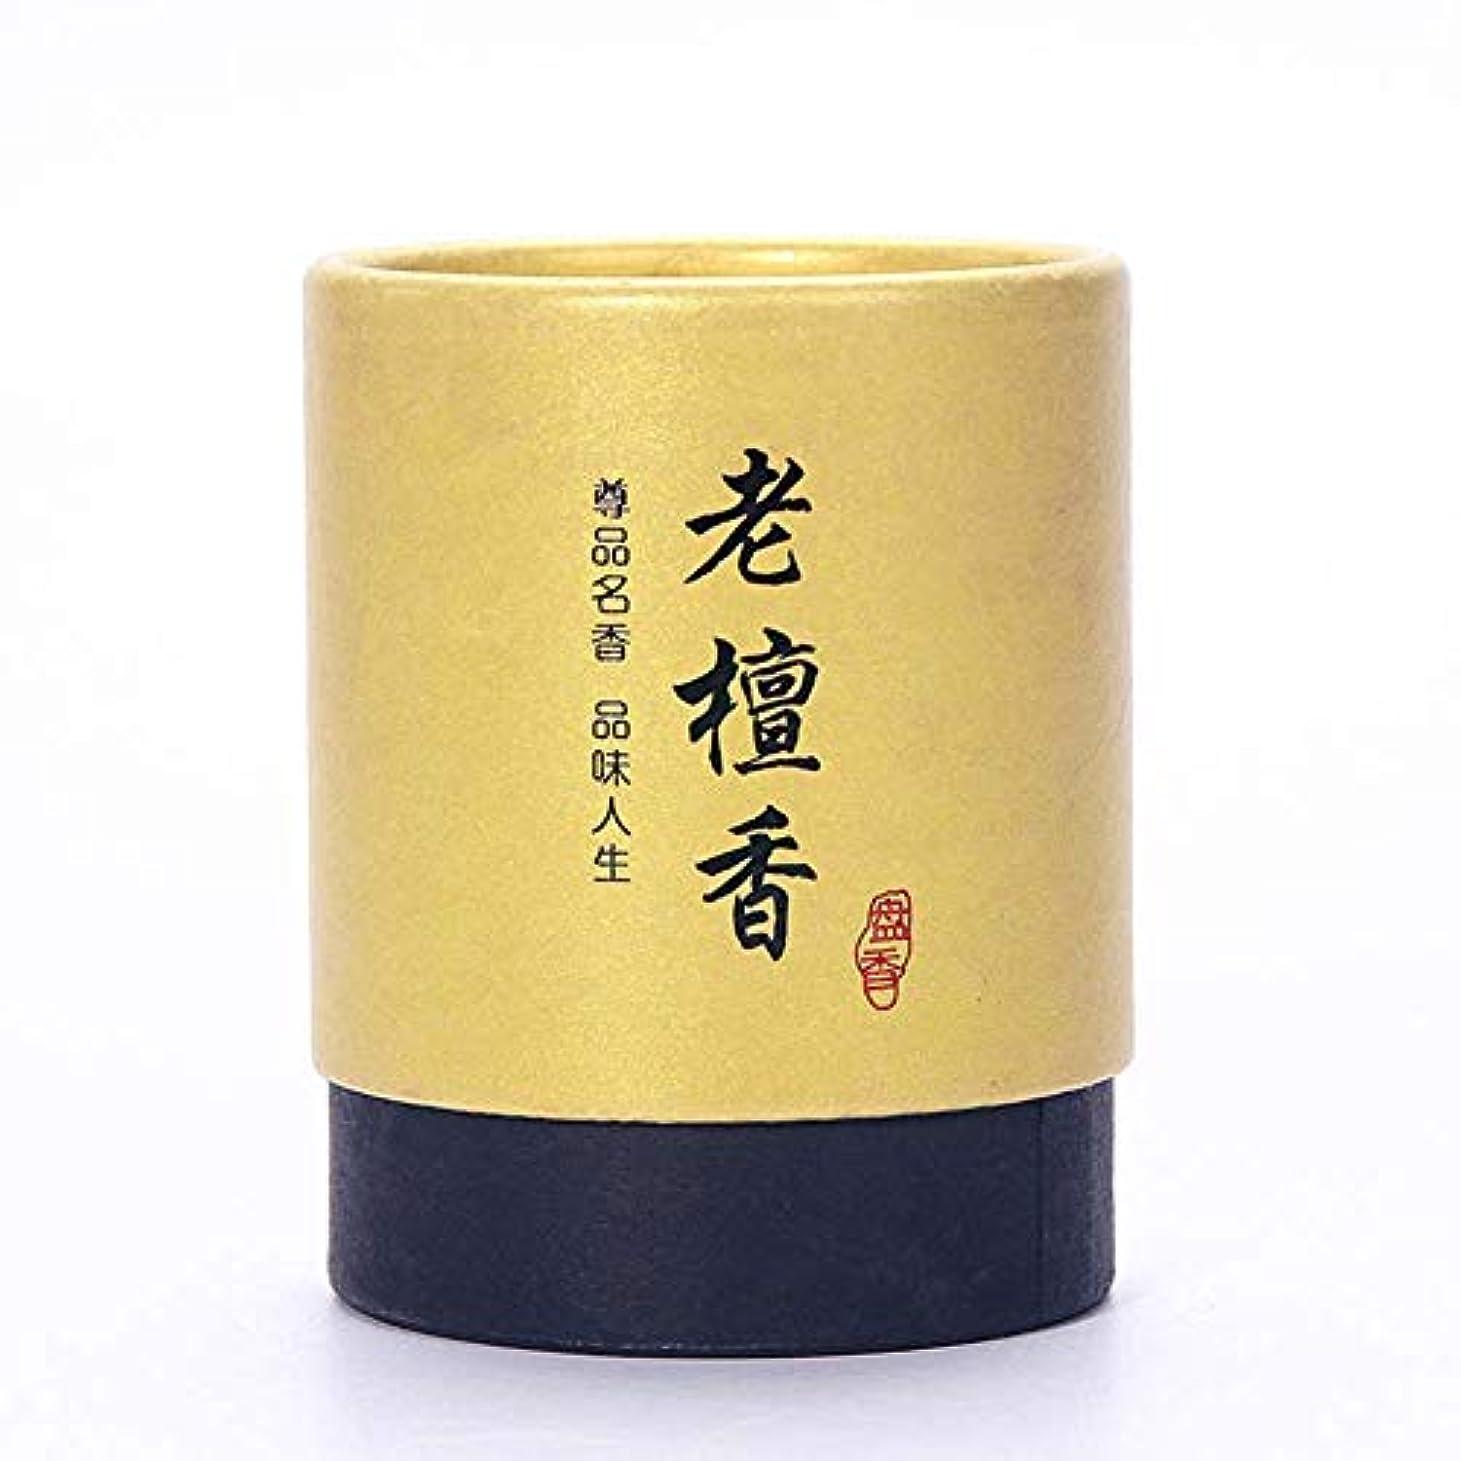 保険をかける主に長方形HwaGui お香 ビャクダン 2時間 盤香 渦巻き線香 優しい香り 48巻入 (老い檀香)